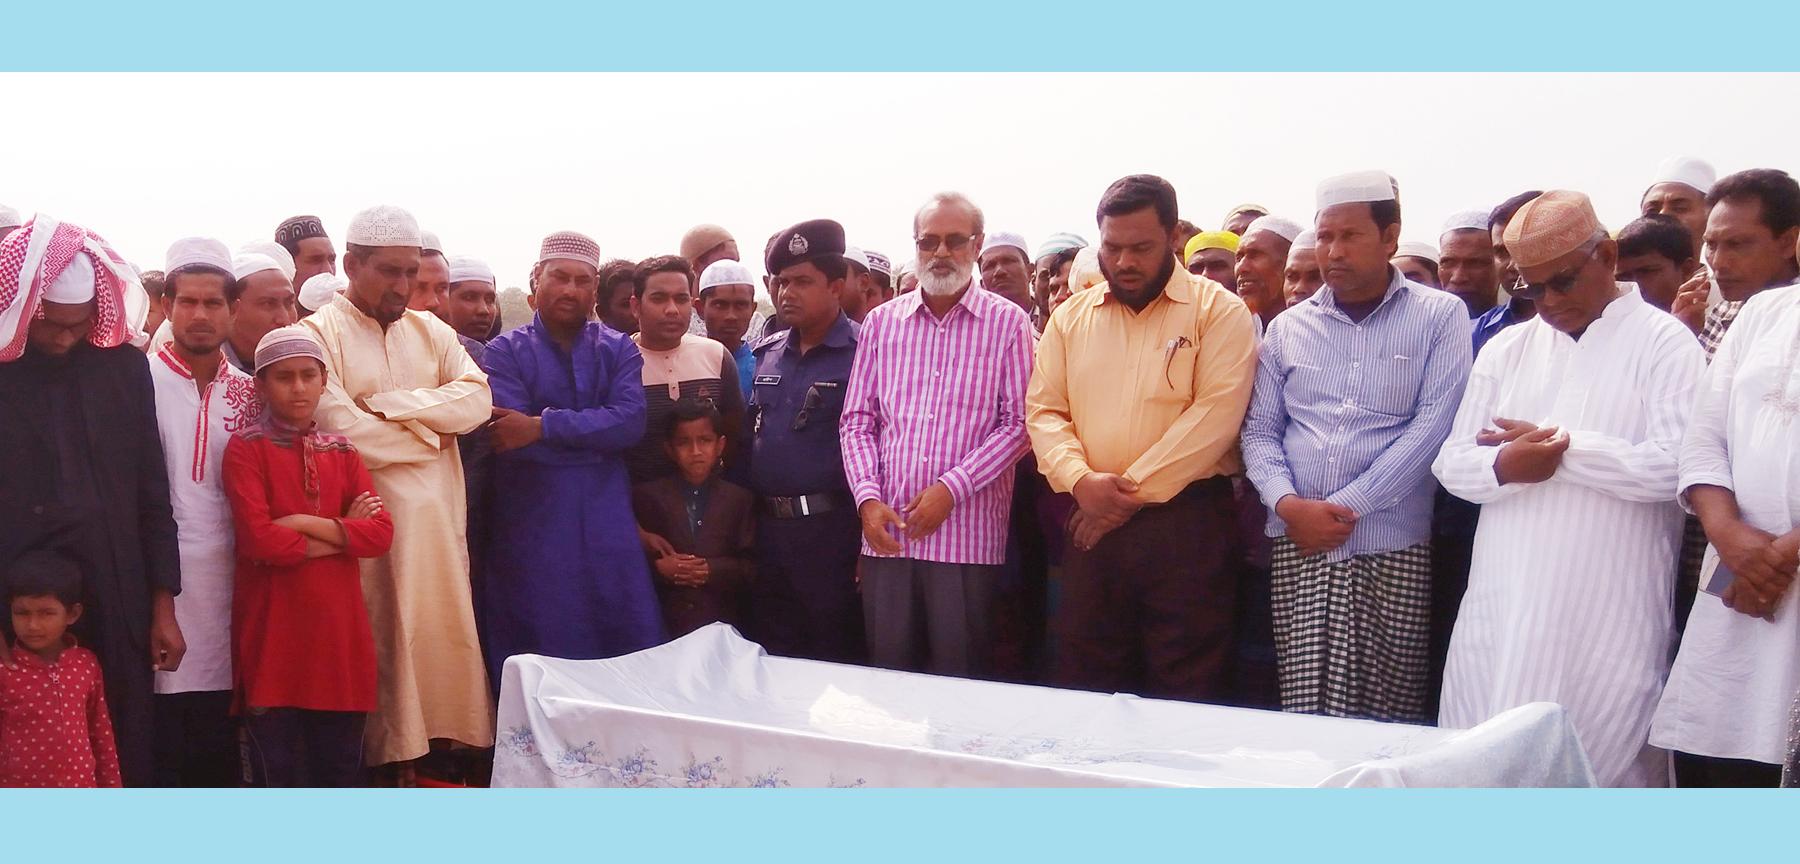 মুক্তিযোদ্ধা আব্দুল বারী গাজীর রাষ্ট্রীয় মর্যাদায় দাফন